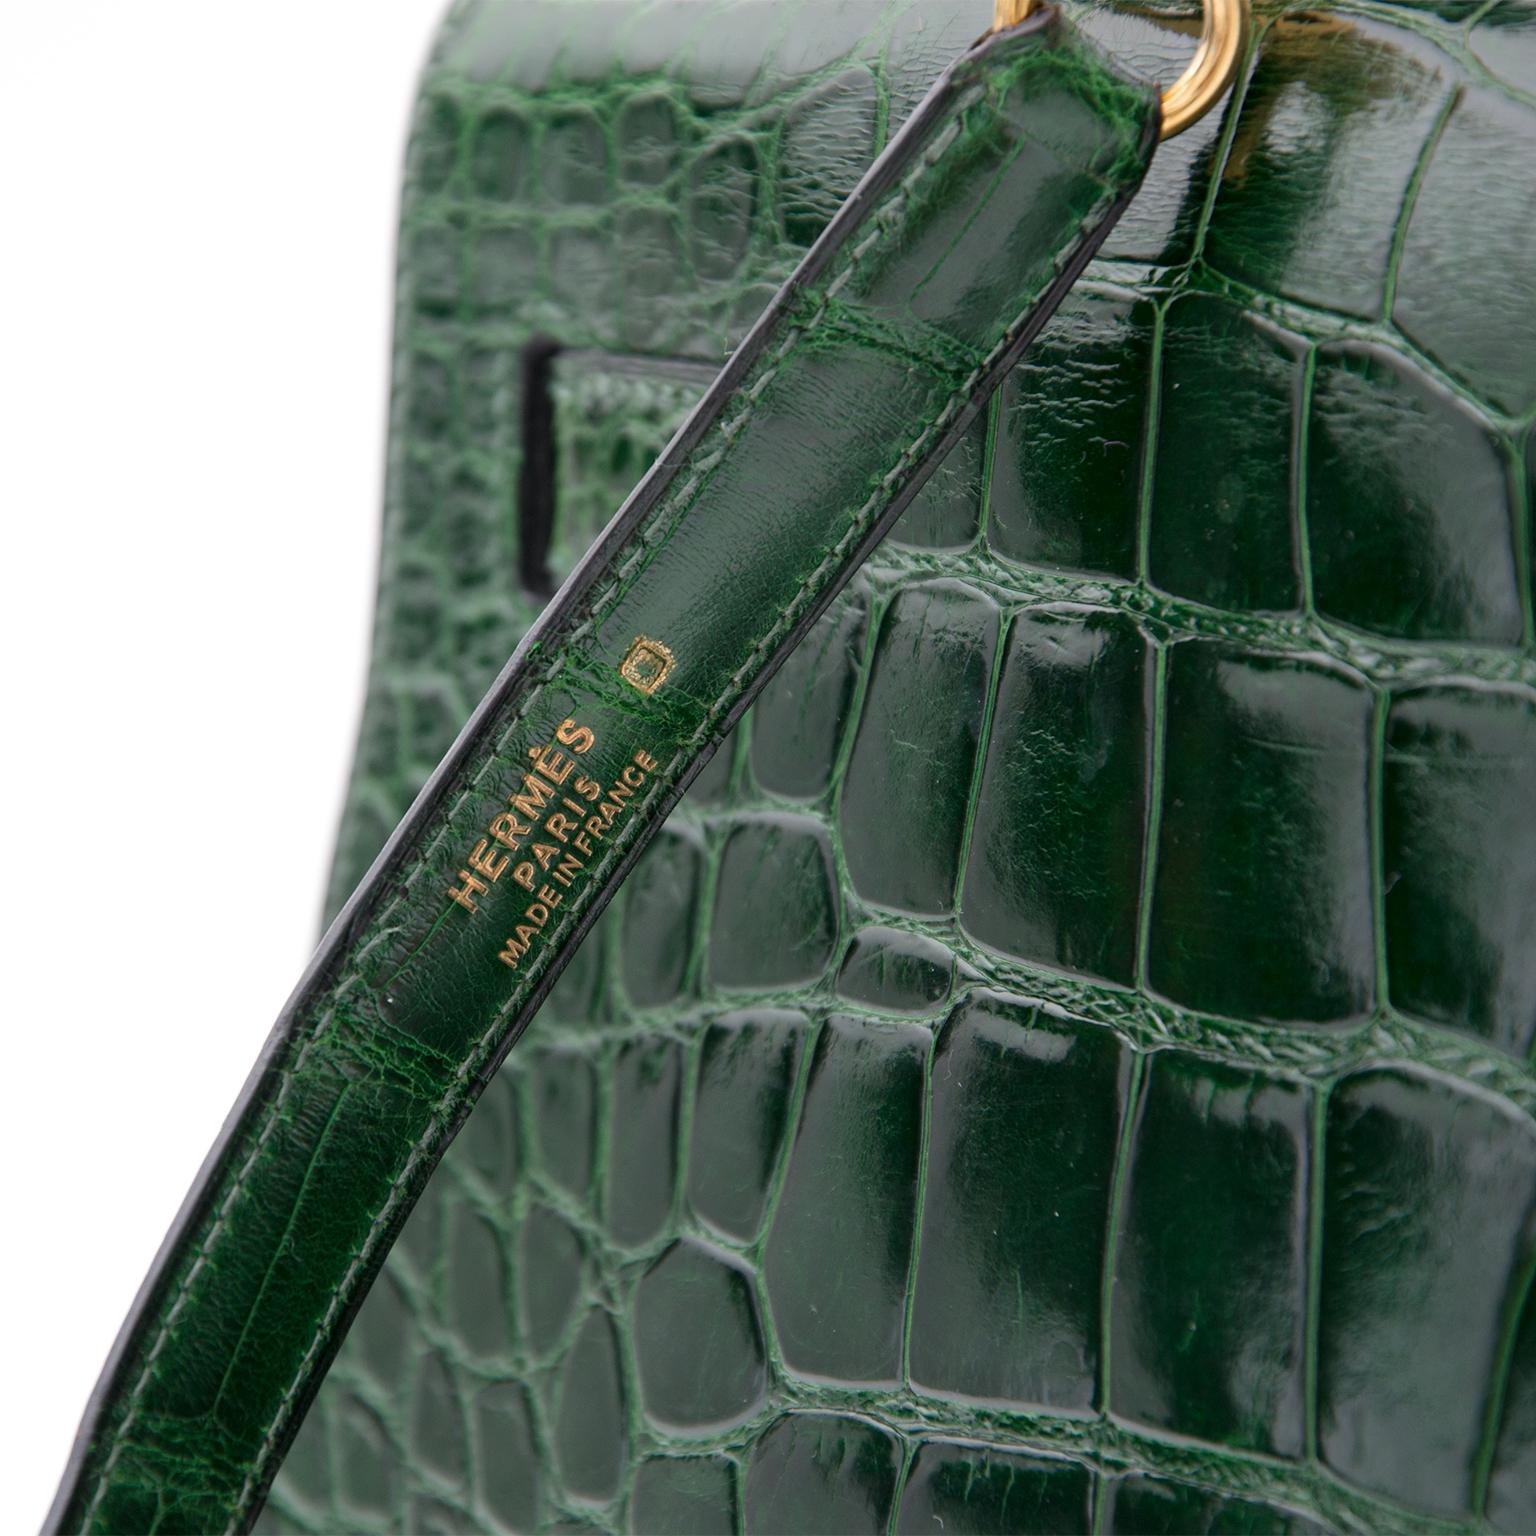 Hermes Kelly Alligator Lisse Vert Emerald 32 koop veilig en snel online tweedehands Hermes Kelly net als nieuw beste prijs 100% echt